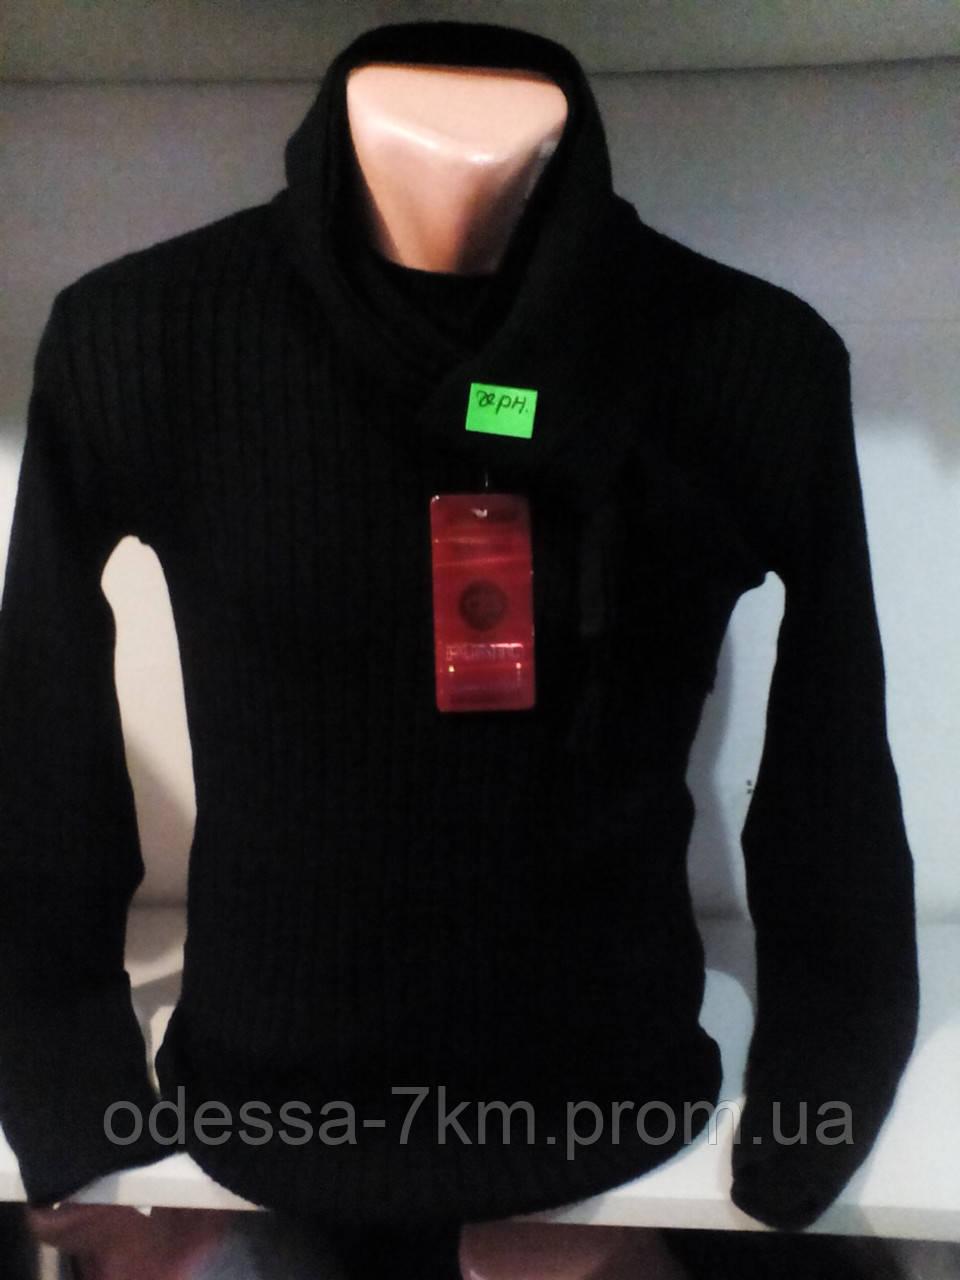 343f9e24d2ee5 Мужской молодежный черный свитер 46-48 рр - Одежда для всей семьи оптом в  Одессе